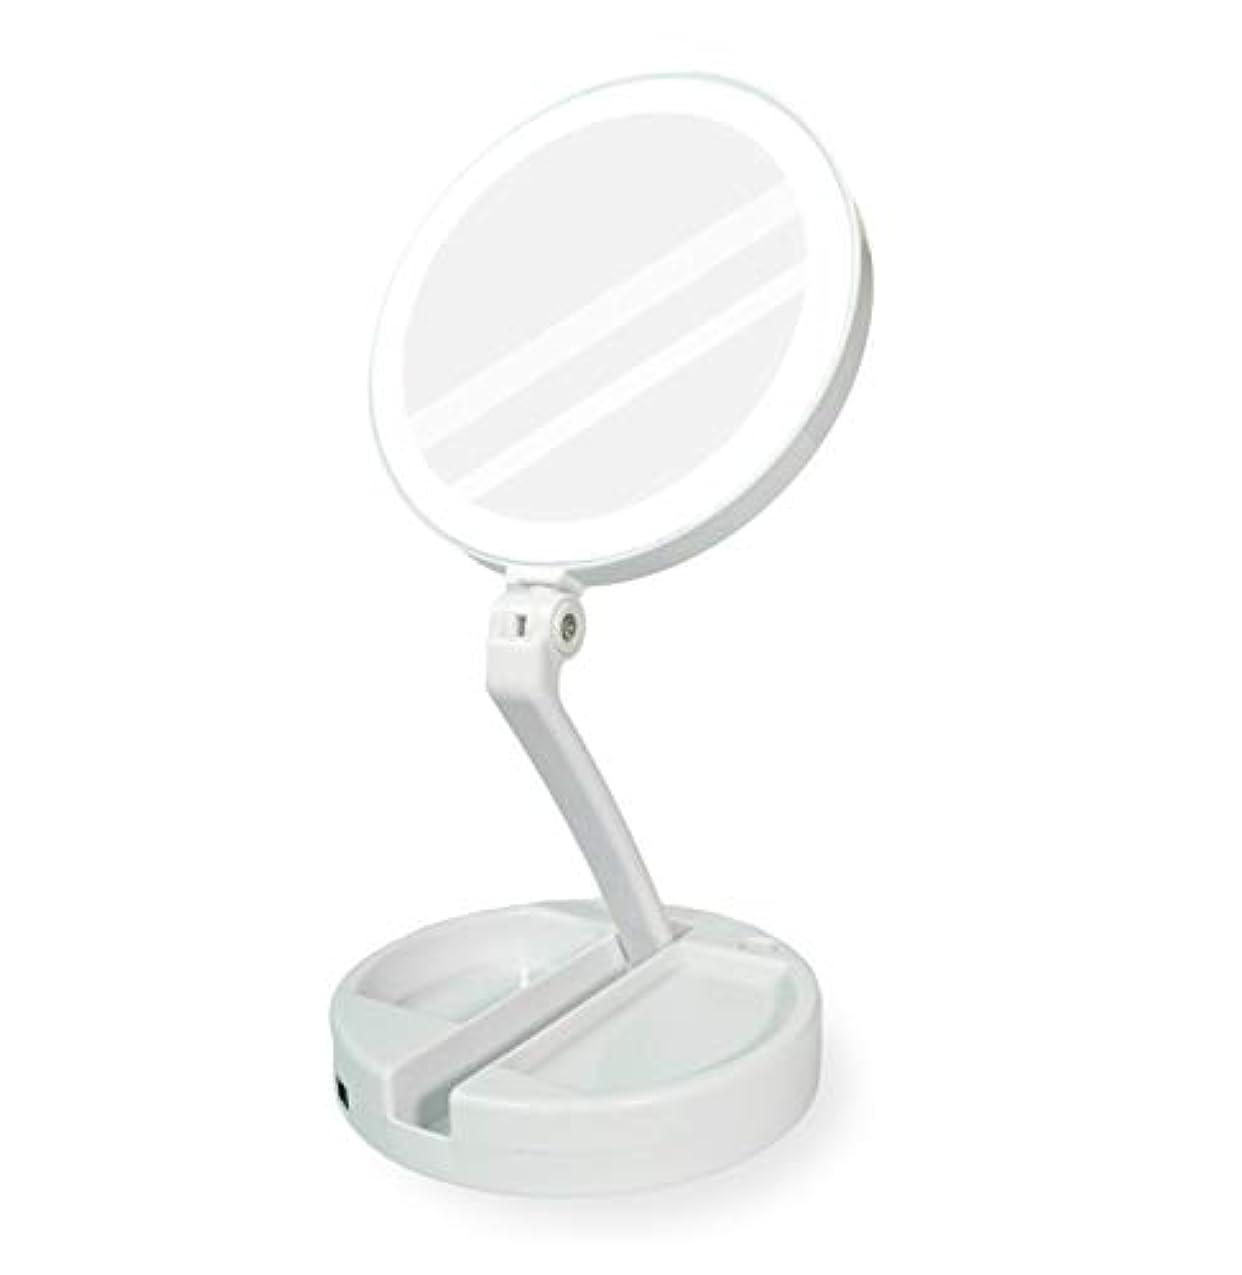 伝説タイト多様性YEEZEN 両面拡大鏡 等倍と10倍拡大 化粧 無段調光 卓上鏡 ライト付き拡大鏡 化粧鏡 ライトつきミラー 折りたたみ式 360°回転 収納しやすい 鏡 led 拡大ミラー